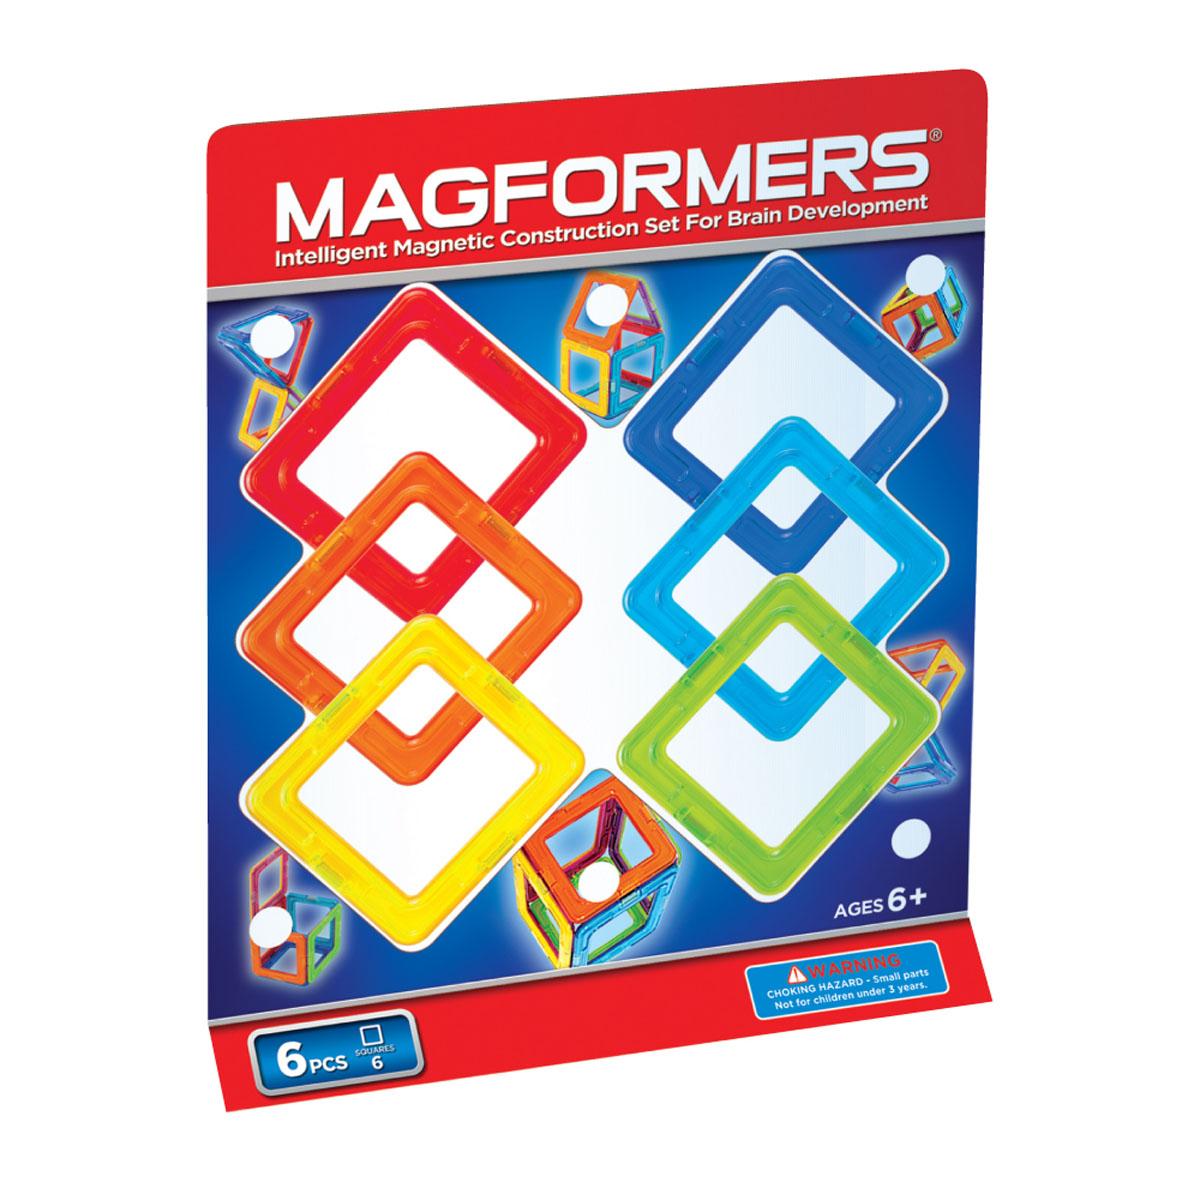 Magformers Магнитный конструктор 63086 Квадраты 663086Magformers 6 самый маленький из наборов. Может дать ребенку первичные представления о конструкторе Magformers, геометрии и магнетизме. Малыш сможет научиться создавать фигуры на плоскости, выстраивать магниты в линию. При помощи квадратов Magformers он сможет выучить в процессе игры базовые цвета, узнает, что такое куб и как его сделать. Подходит как дополнение к уже имеющимся наборам.